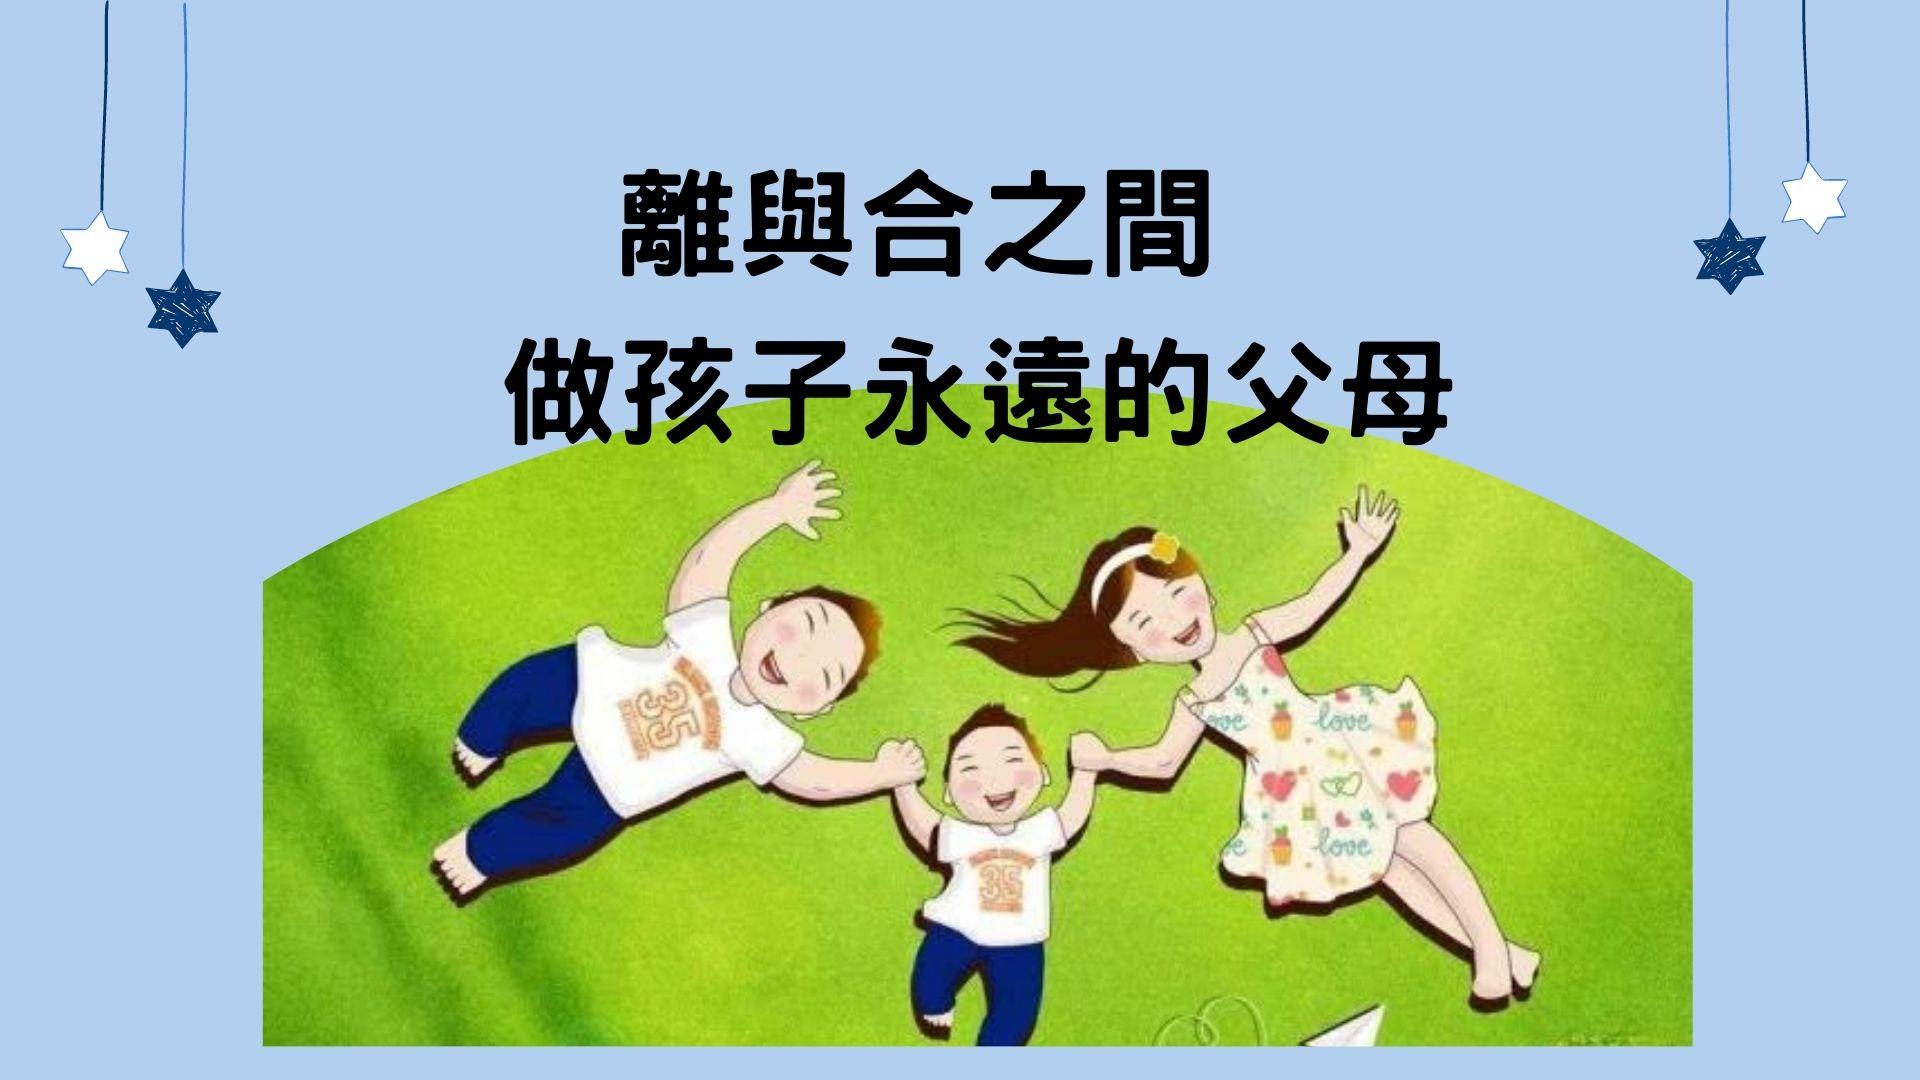 【親職講座】「離與合之間,做孩子永遠的父母」~離婚親職講座(10月份)